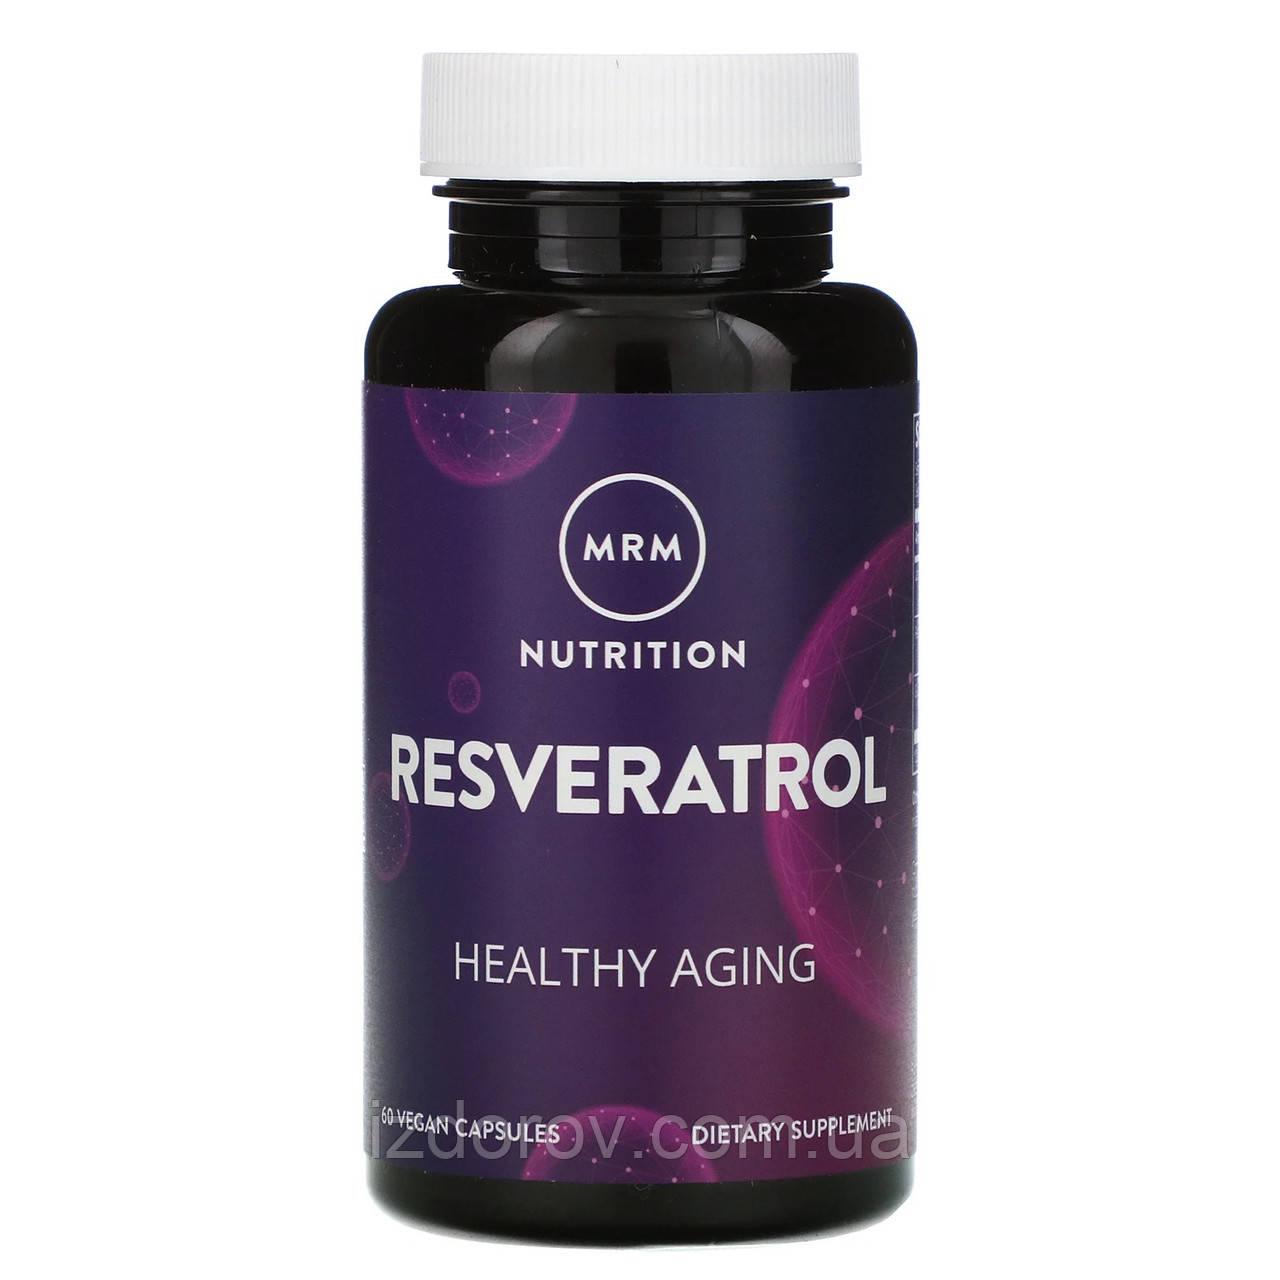 MRM Nutrition, Ресвератрол, Resveratrol, 60 капсул веганских